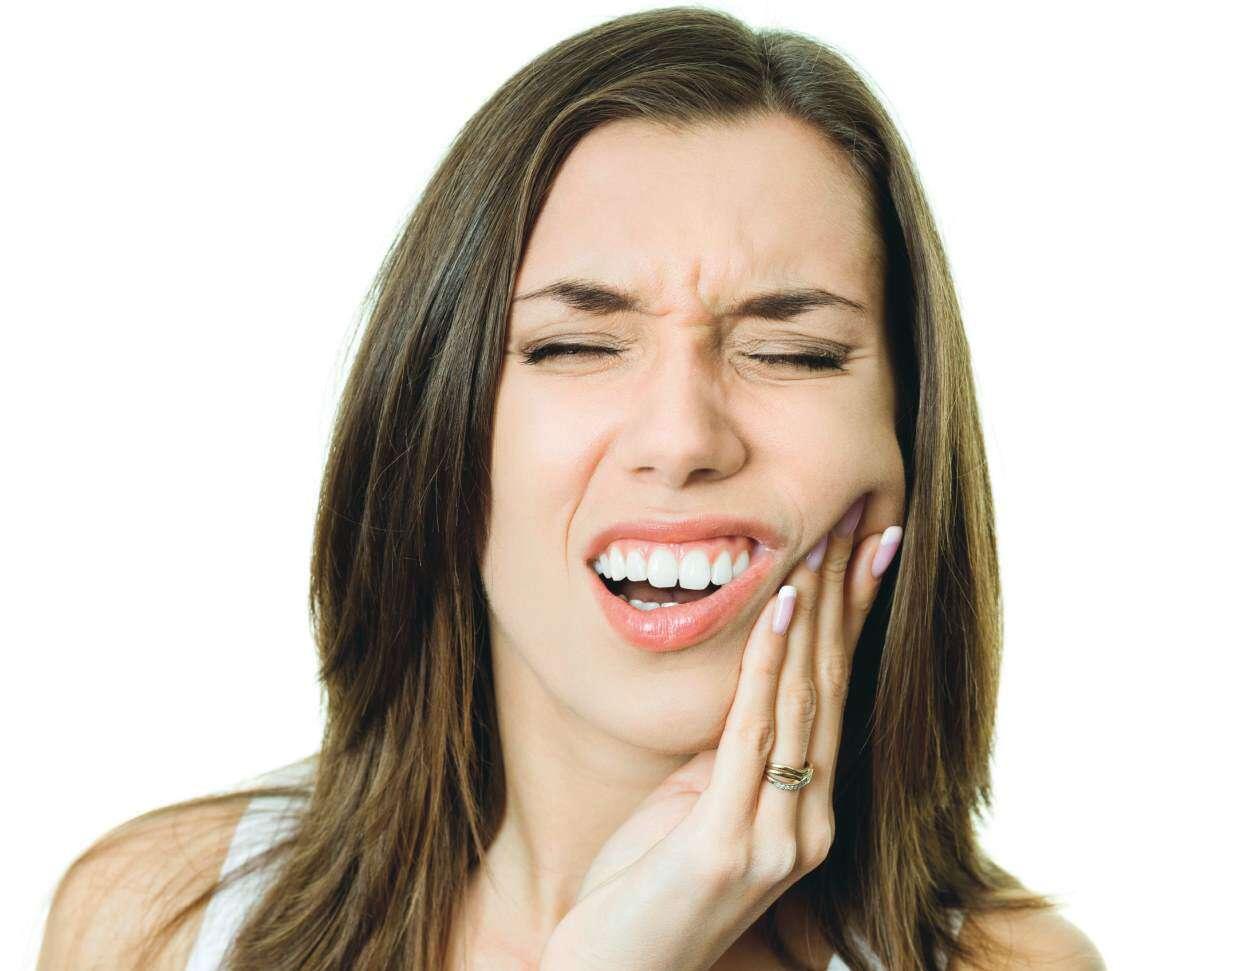 Diş Ağrısı Neden Olur? Diş Ağrısı Nasıl Geçer?